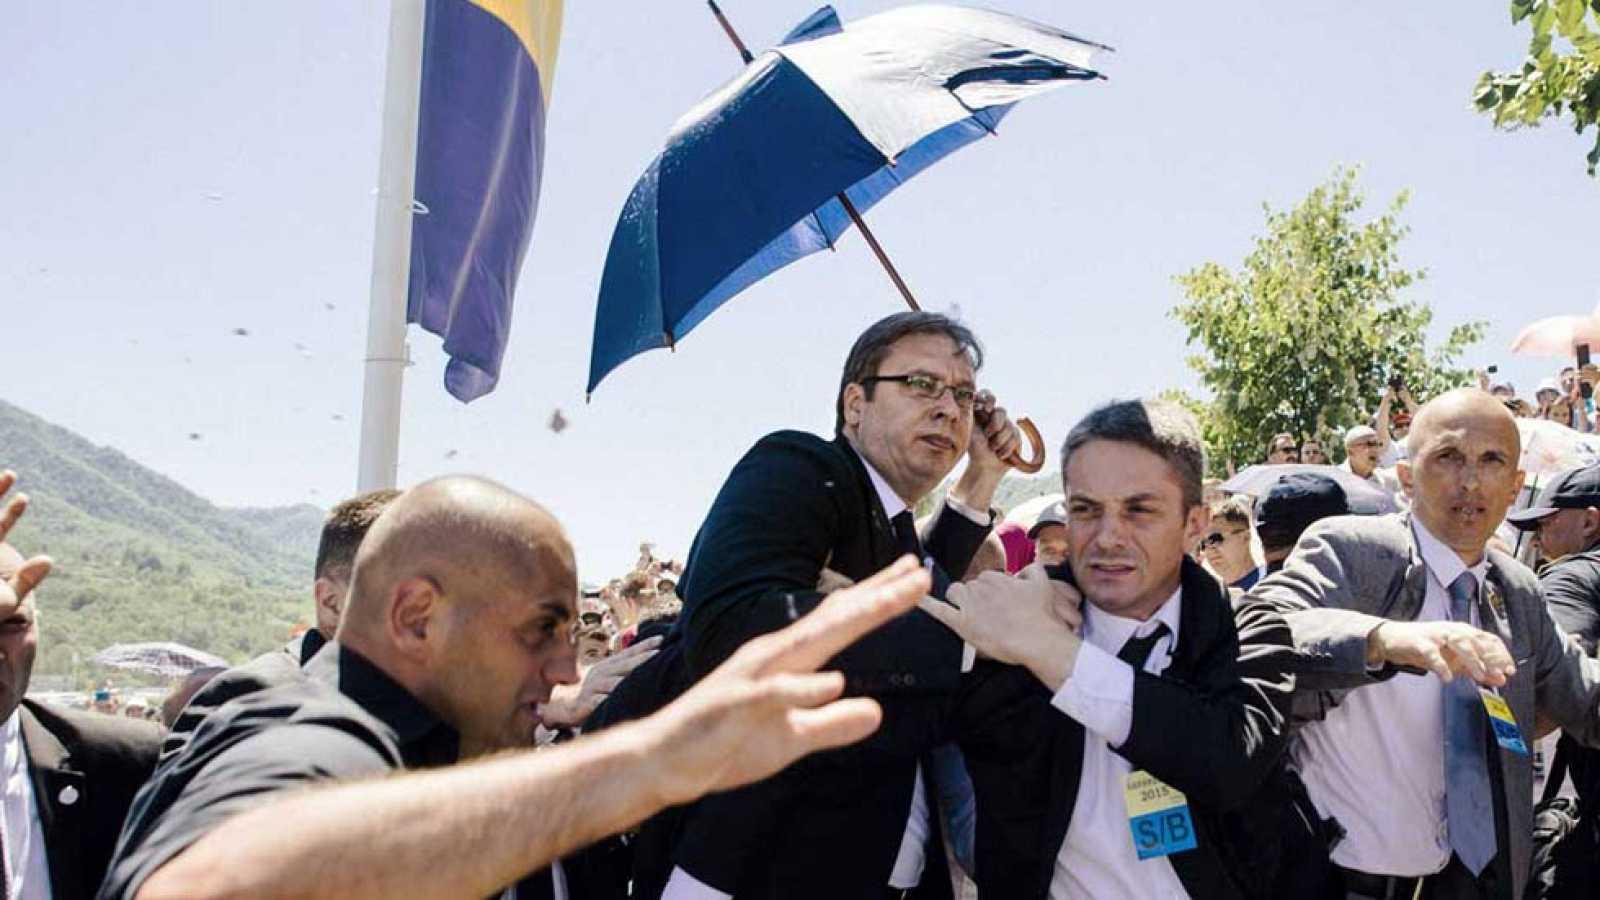 Decenas de personas lanzan piedras y abuchean al primer ministro serbio